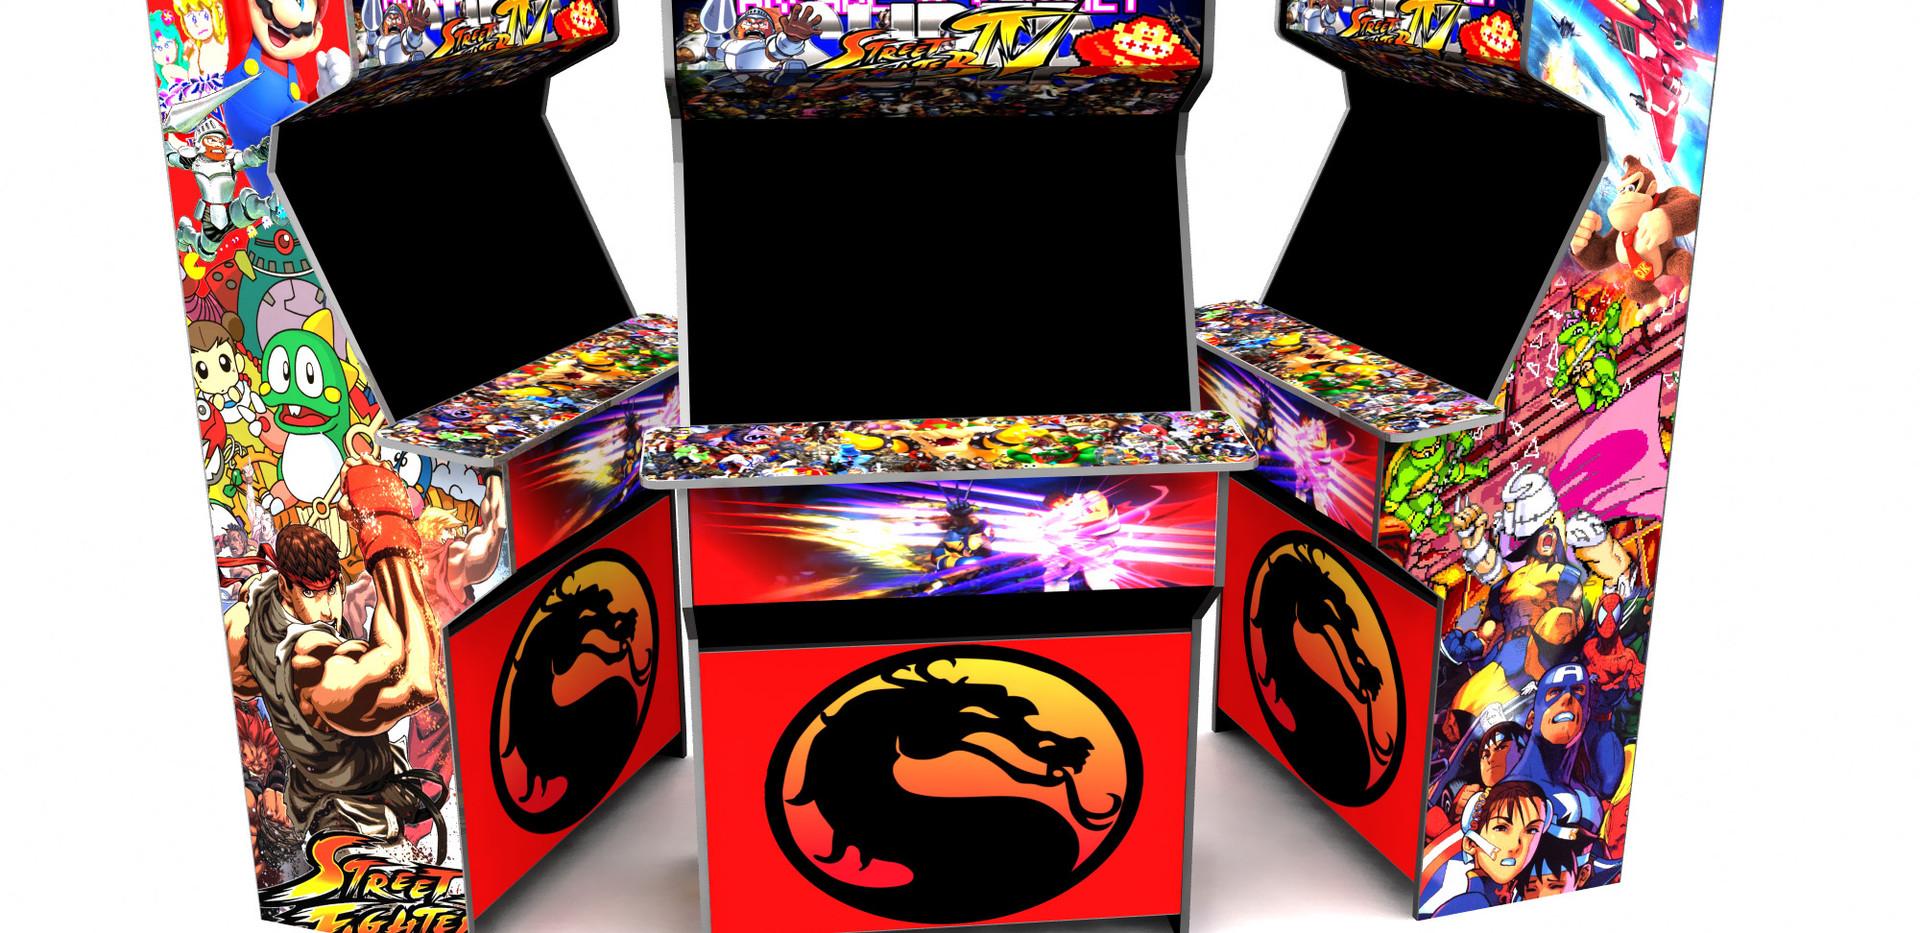 Arcade Character Mashup